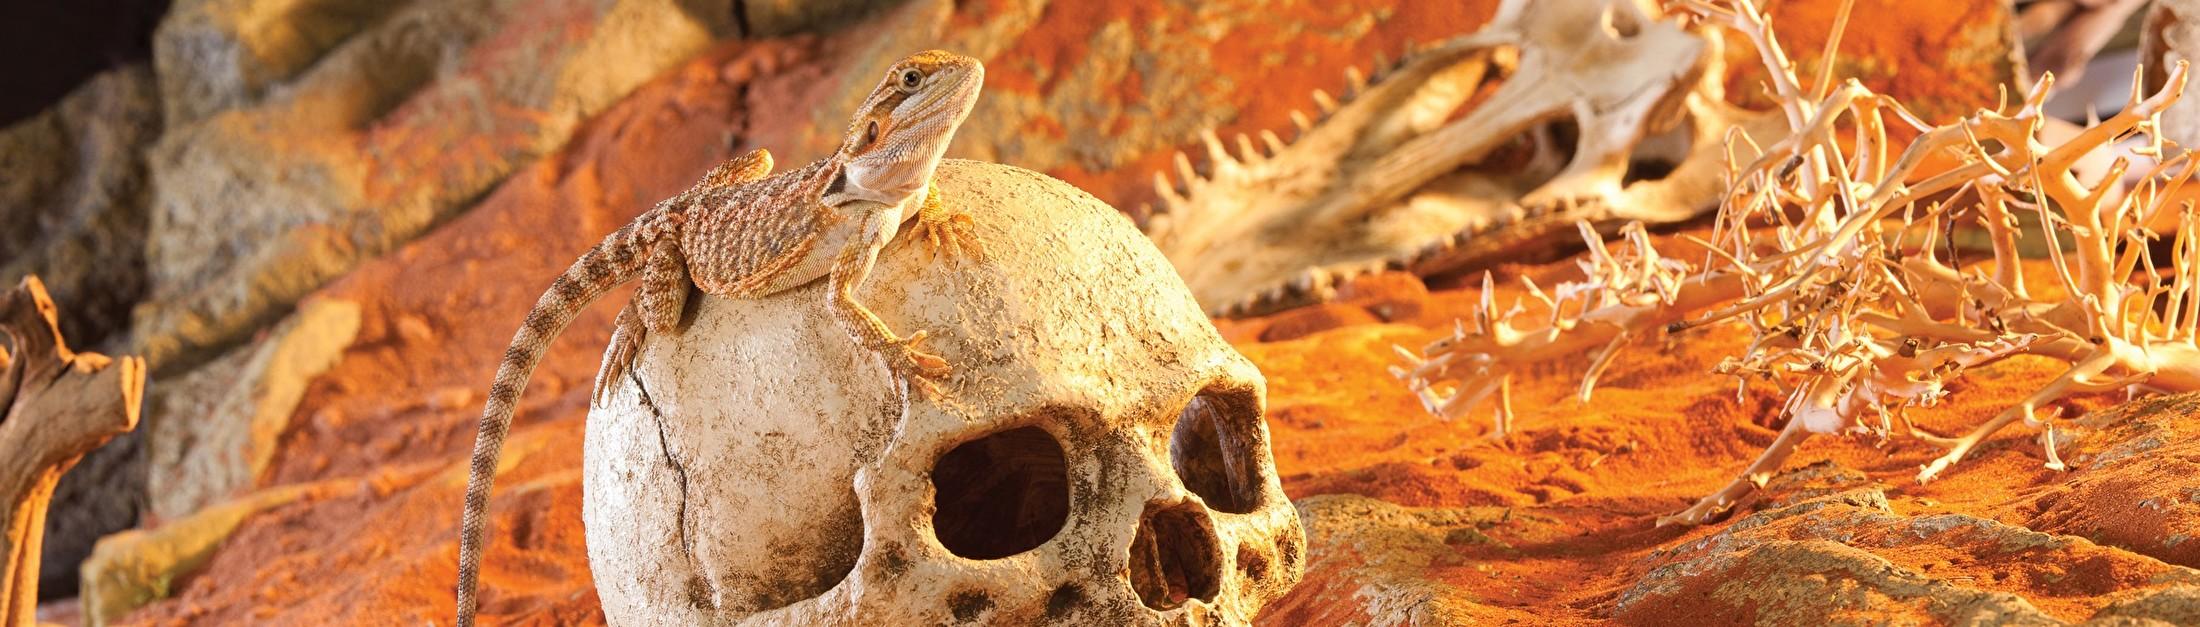 Baardagaam schedel